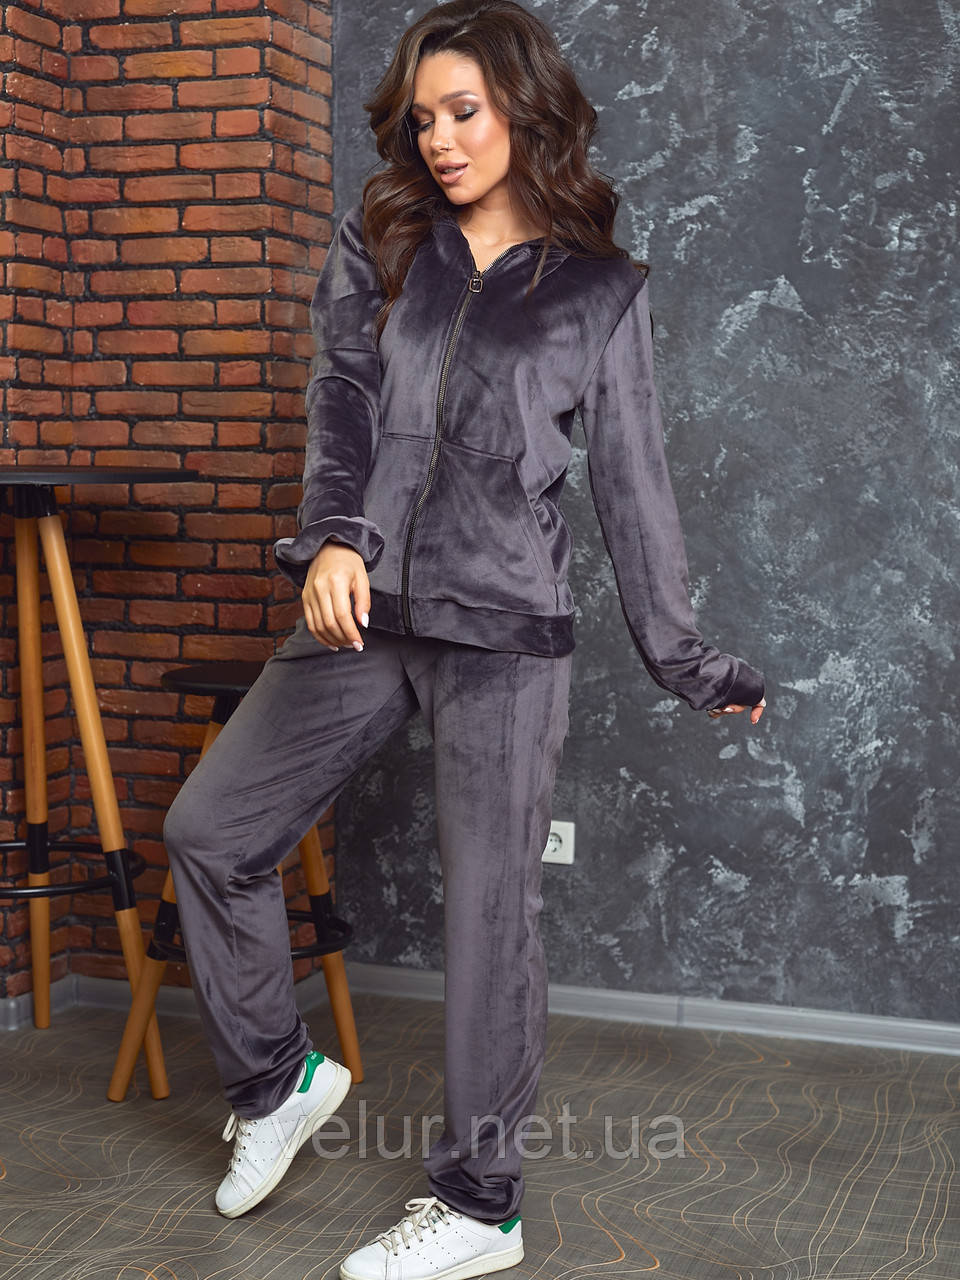 Женский спортивный костюм  из велюра, разм 52,54,56, 4 цвета